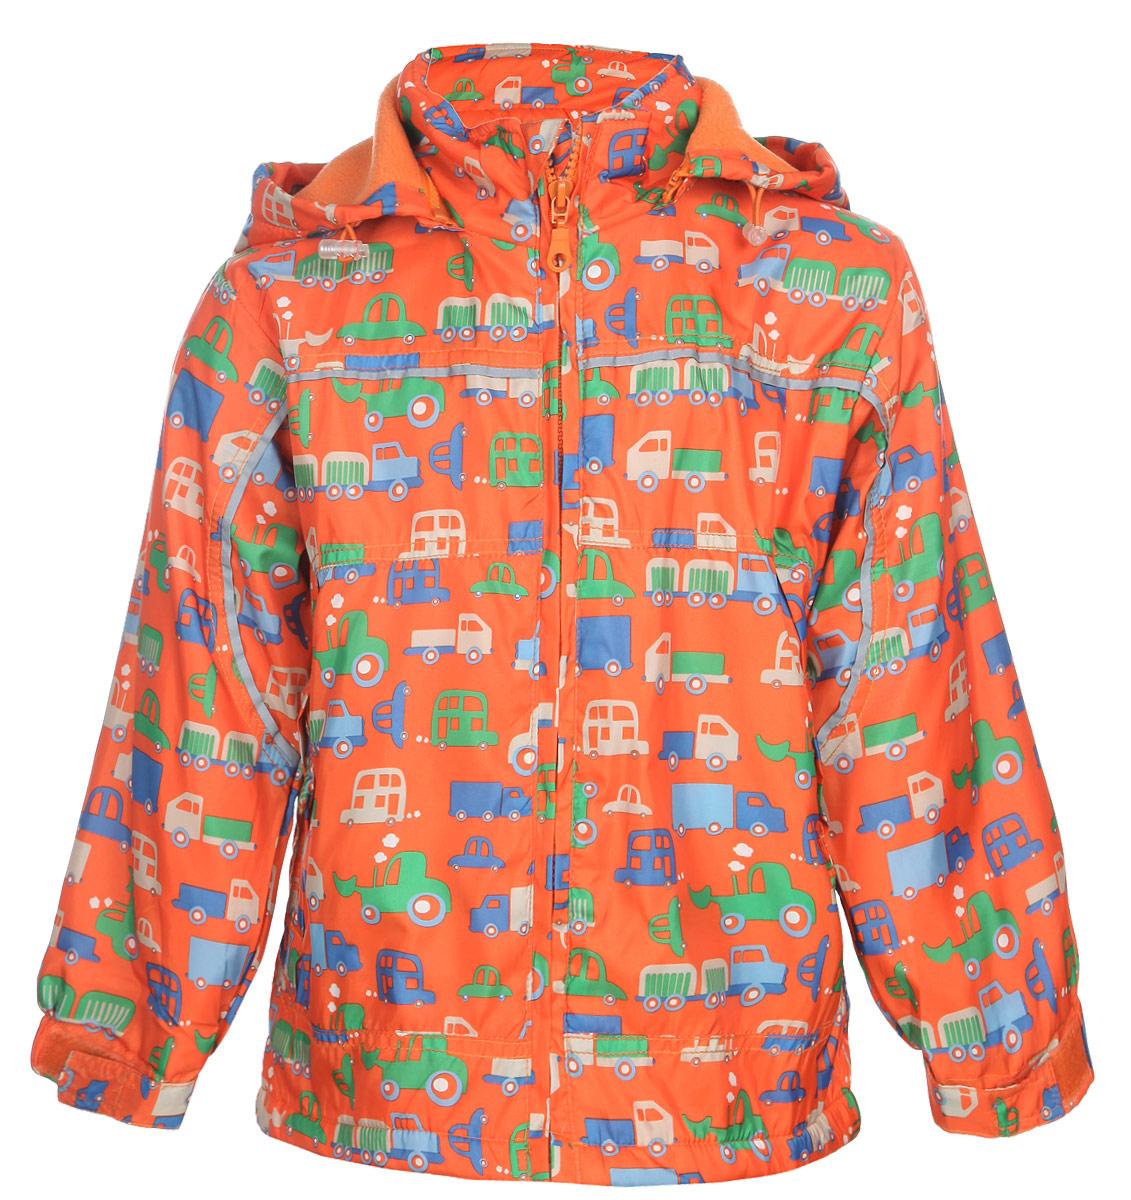 Куртка для мальчика M&D, цвет: оранжевый. 111525R-3. Размер 98111525R-3Яркая куртка для мальчика M&D идеально подойдет для ребенка в прохладное время года. Она выполнена из полиэстера и дополнена мягкой и теплой флисовой подкладкой.Куртка с воротником-стойкой застегивается на удобную застежку-молнию. Съемный капюшон фиксируется при помощи молнии, его объем регулируется при помощи эластичного шнурка со стопперами. Рукава оснащены широкими эластичными резинками, не стягивающими запястья, и хлястиками на липучках. Низ модели дополнен скрытым эластичным шнурком со стопперами. По бокам курточка дополнена двумя втачными кармашками на застежках-молниях. Изделие оформлено красочным принтом с изображением автомобилей и дополнена светоотражающими полосками. В такой куртке ваш маленький мужчина будет чувствовать себя комфортно, уютно и всегда будет в центре внимания!